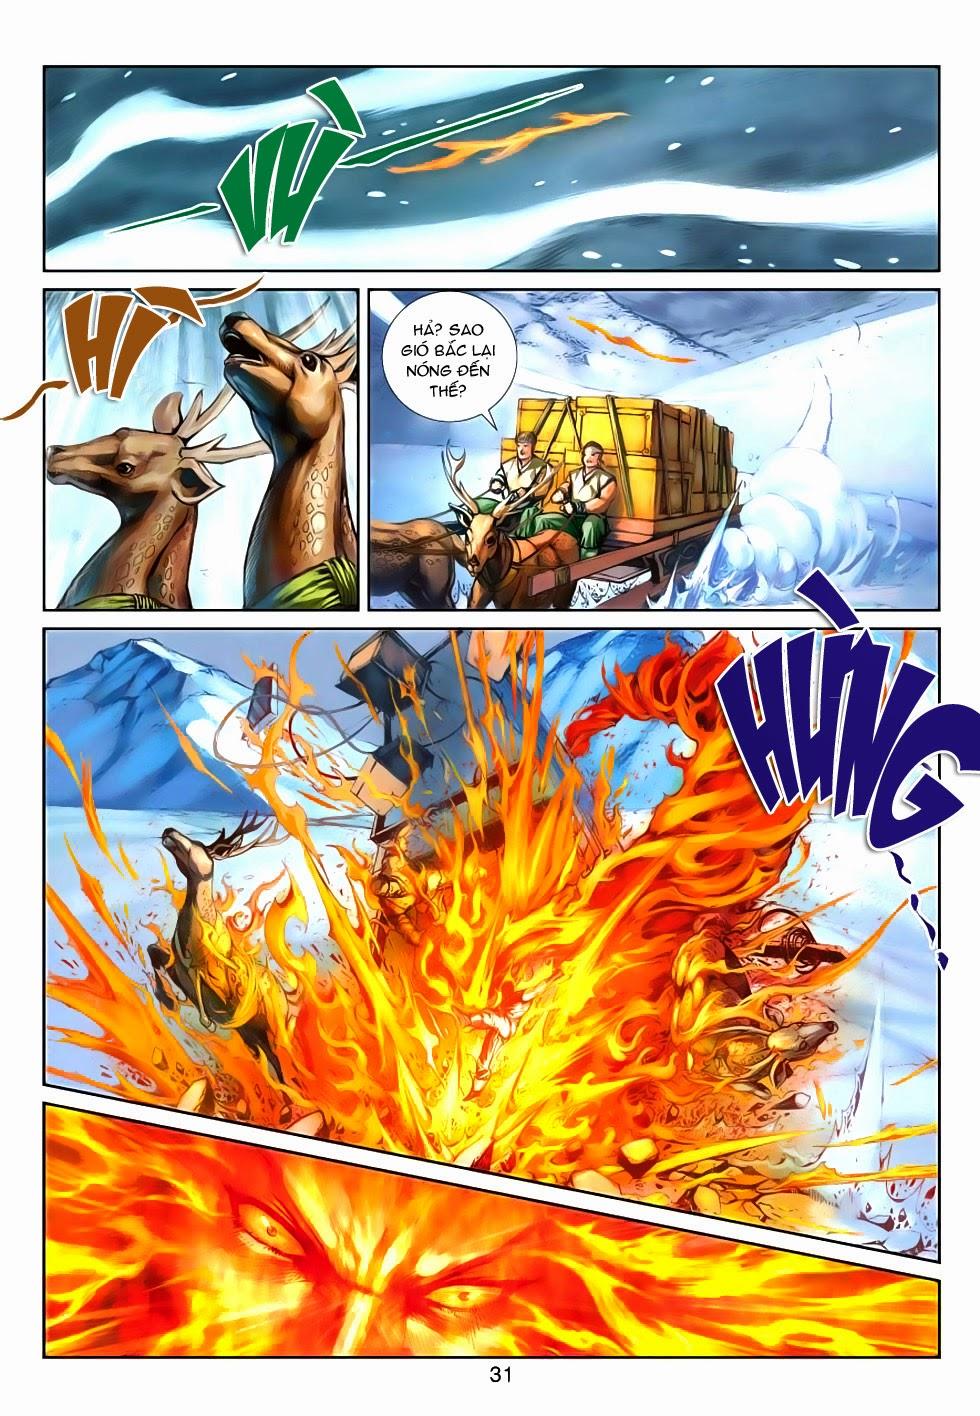 Thần Binh Tiền Truyện 4 - Huyền Thiên Tà Đế chap 5 - Trang 31